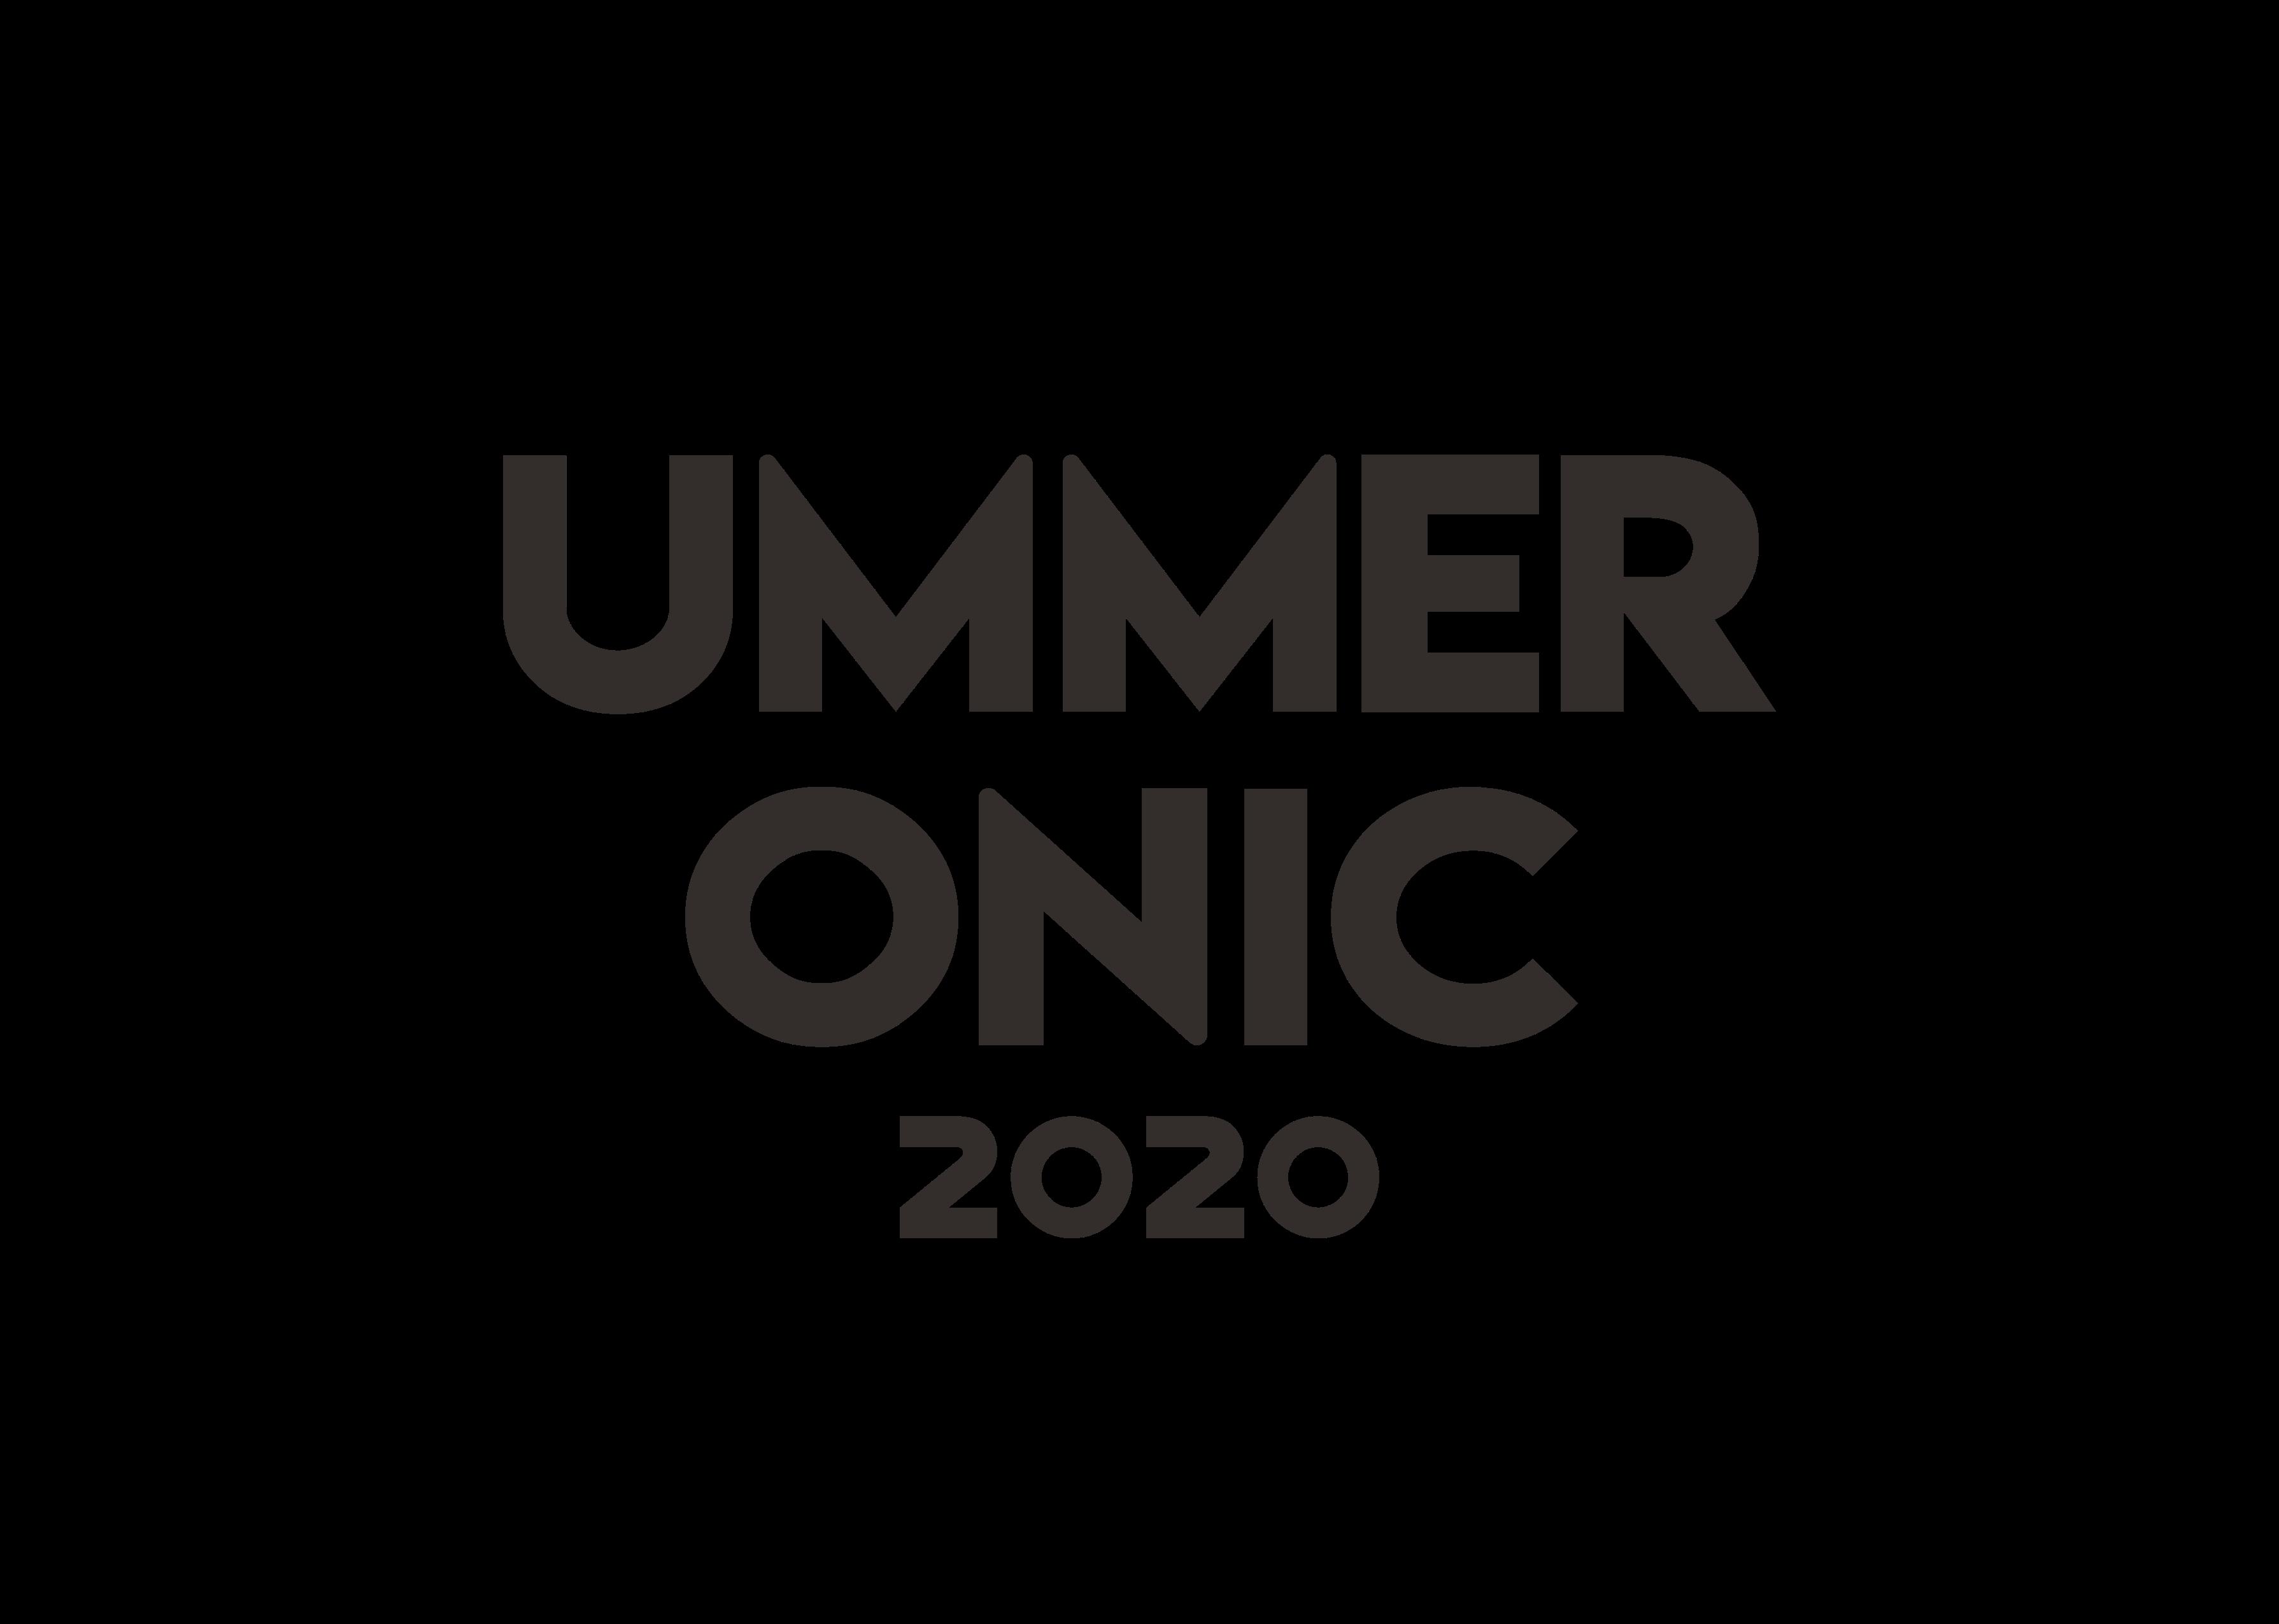 UMMER ONIC 2020 ロゴ